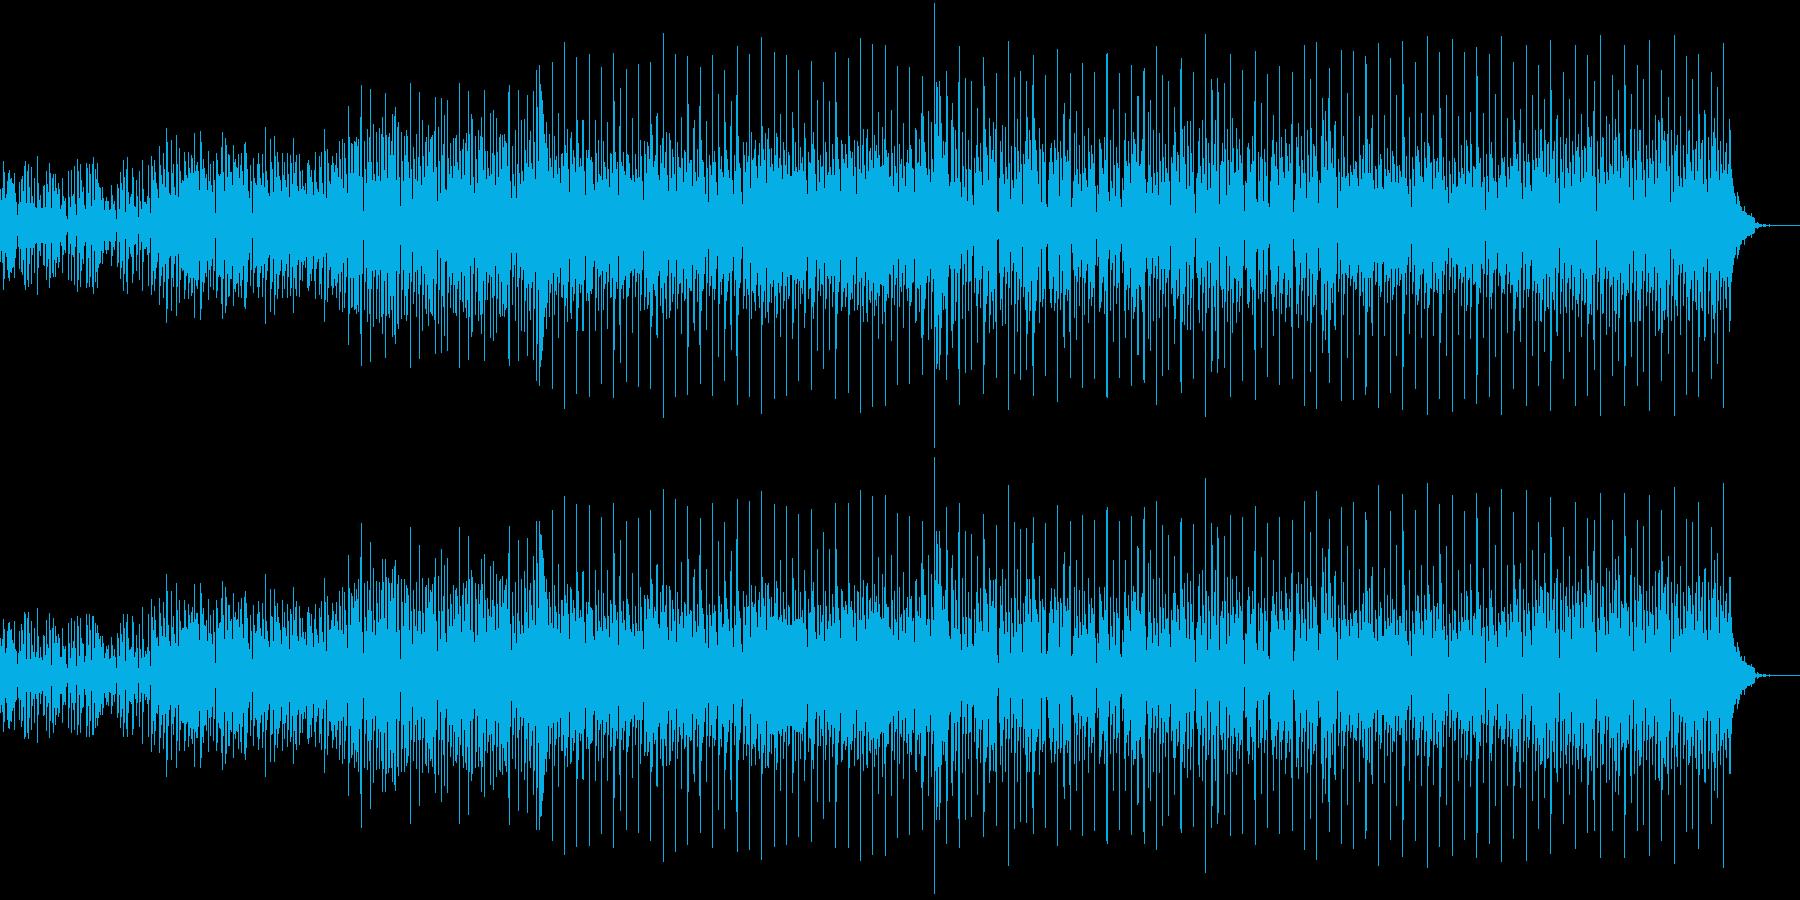 キャッチなメロディーのミディアムPOPSの再生済みの波形